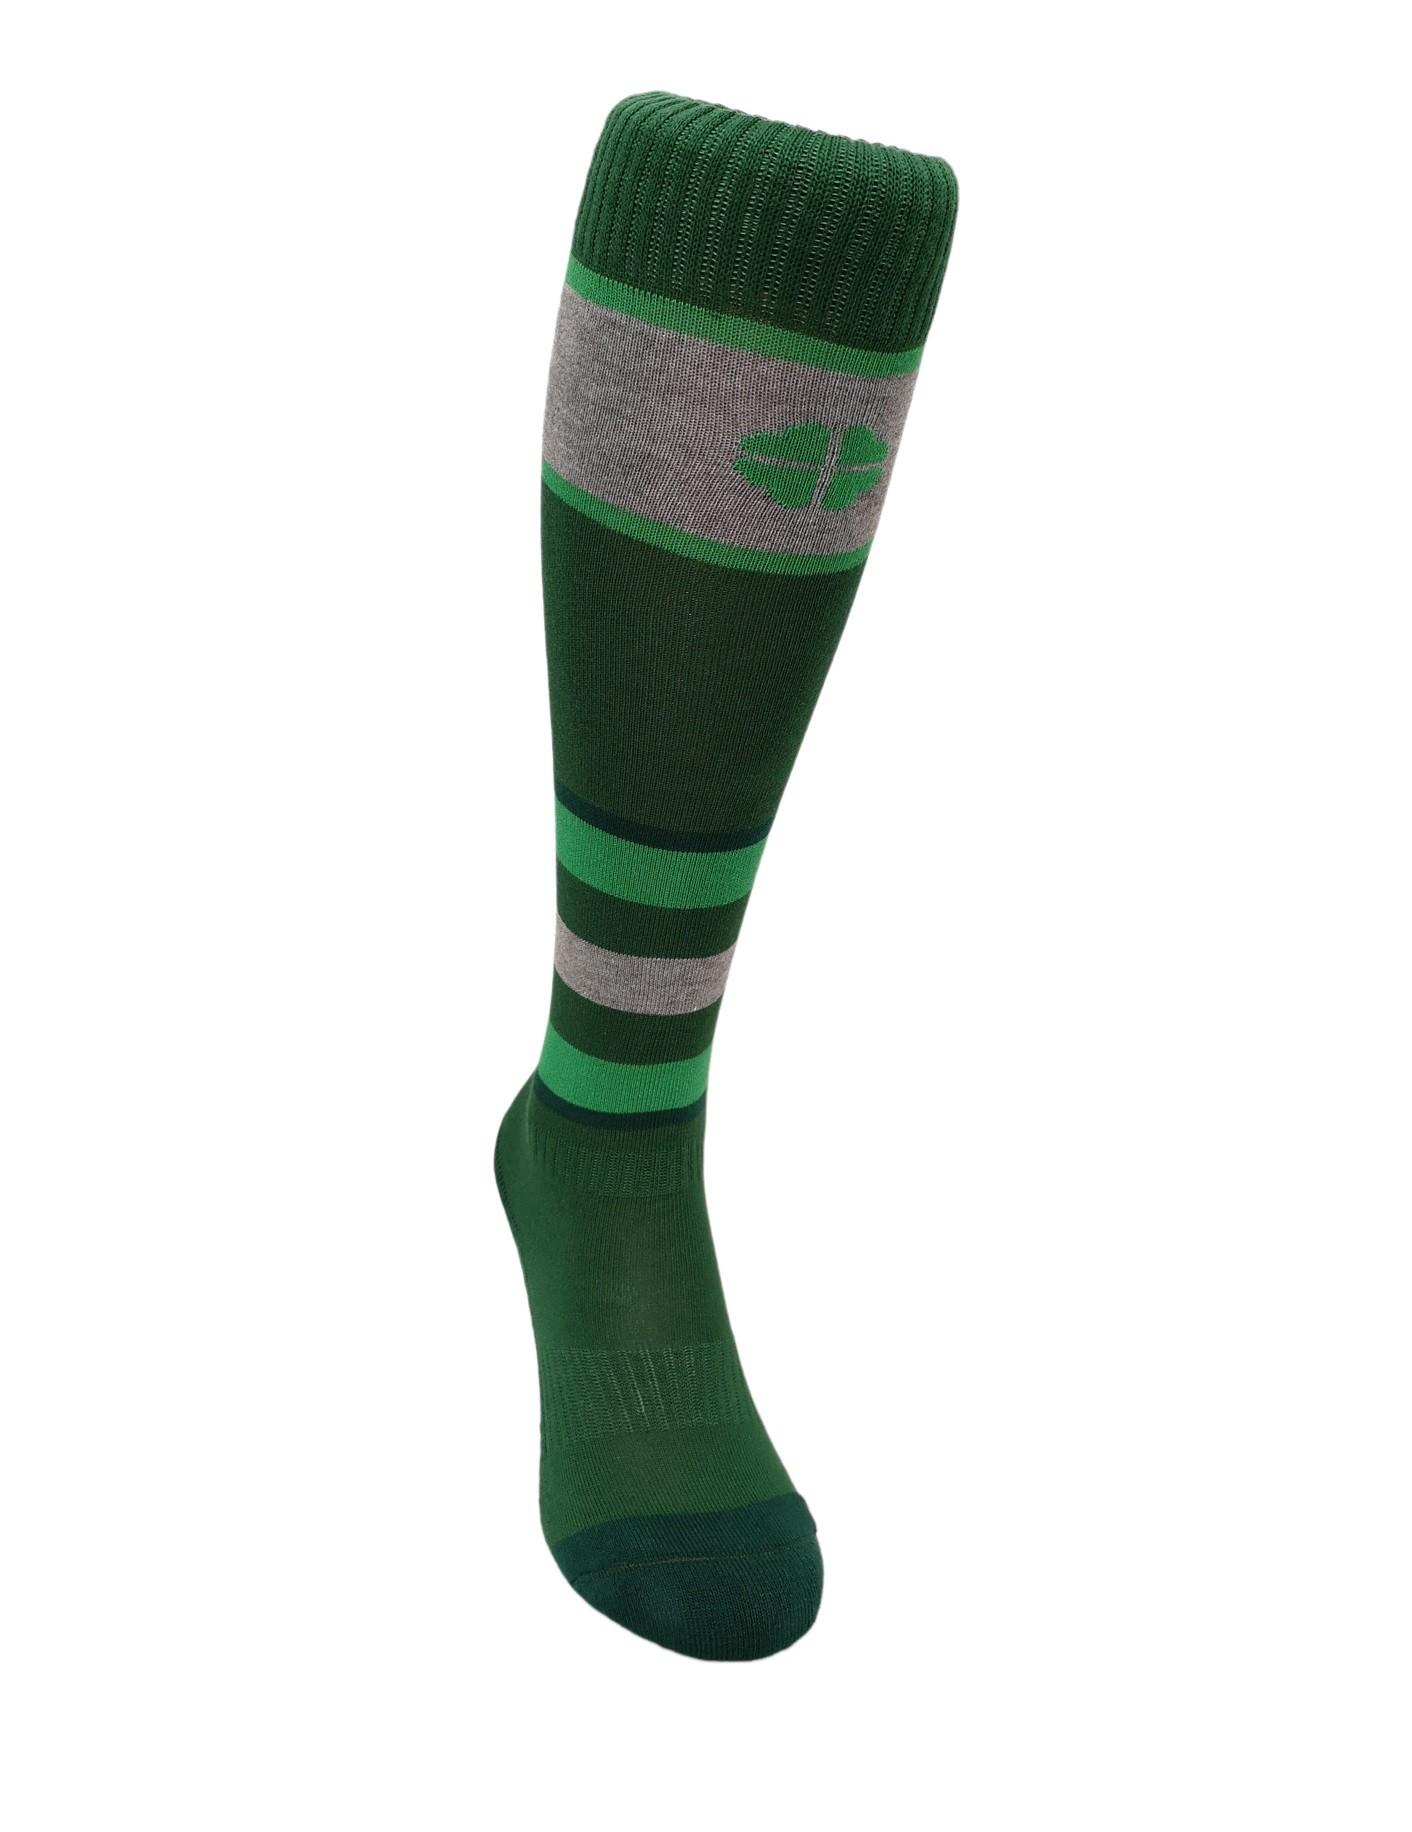 HOKEJAM.LV Junior Long Skate Socks